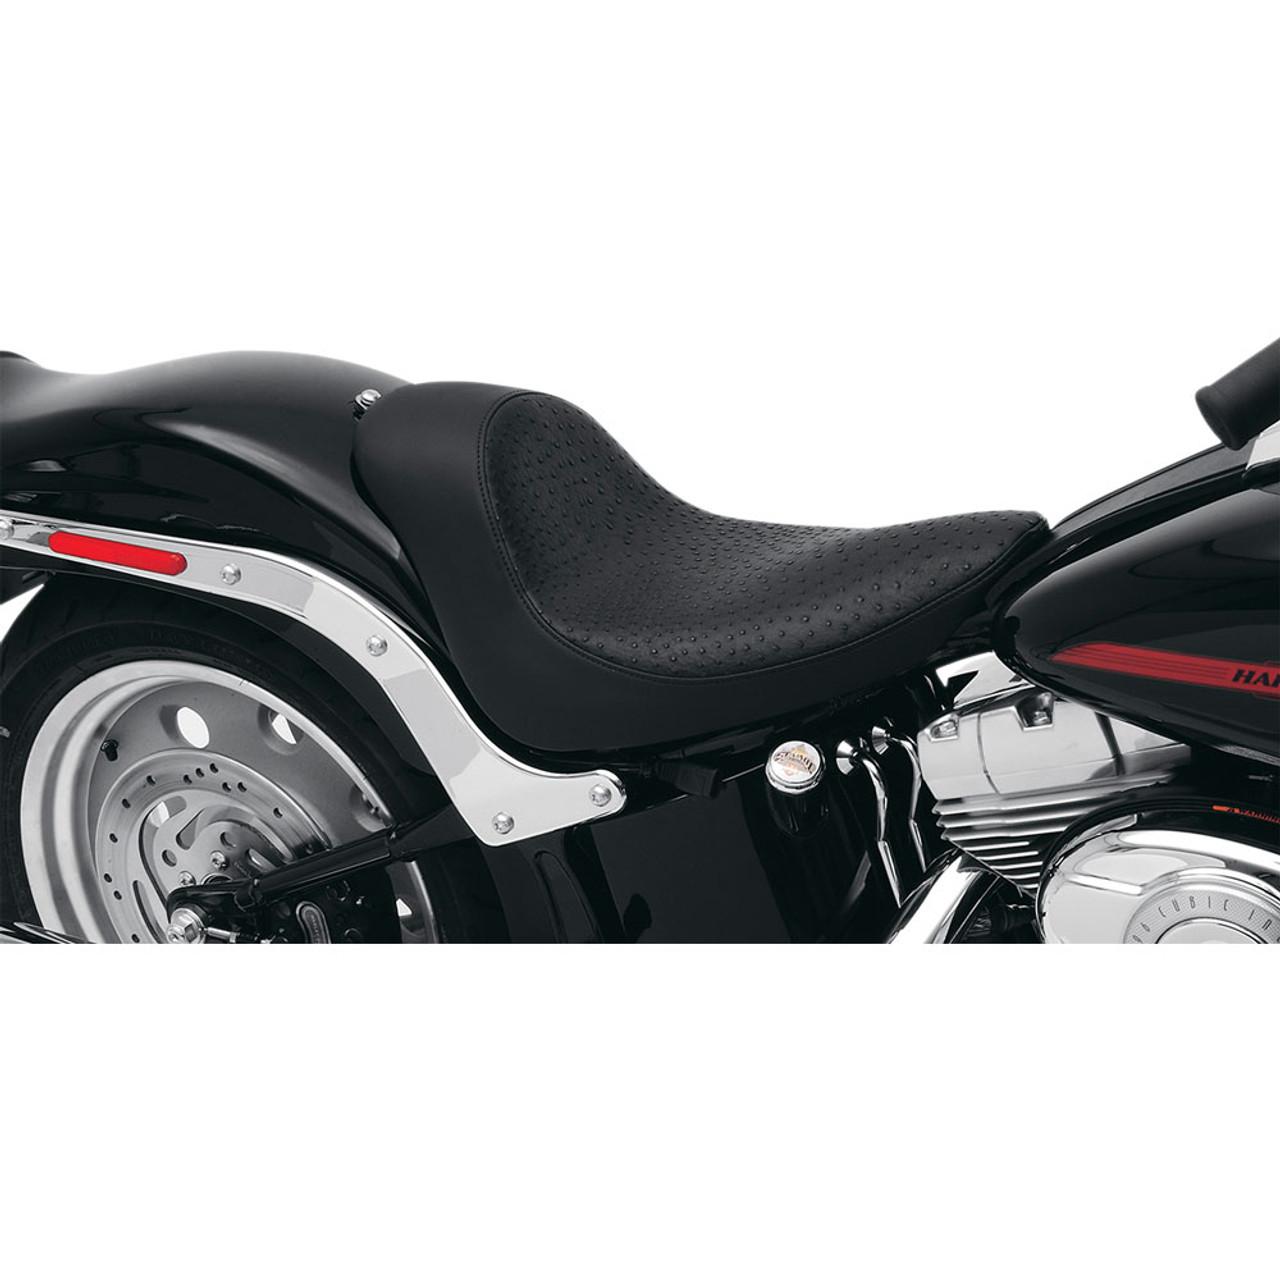 Solo Federsattel für Harley Davidson Softail Standard BR6